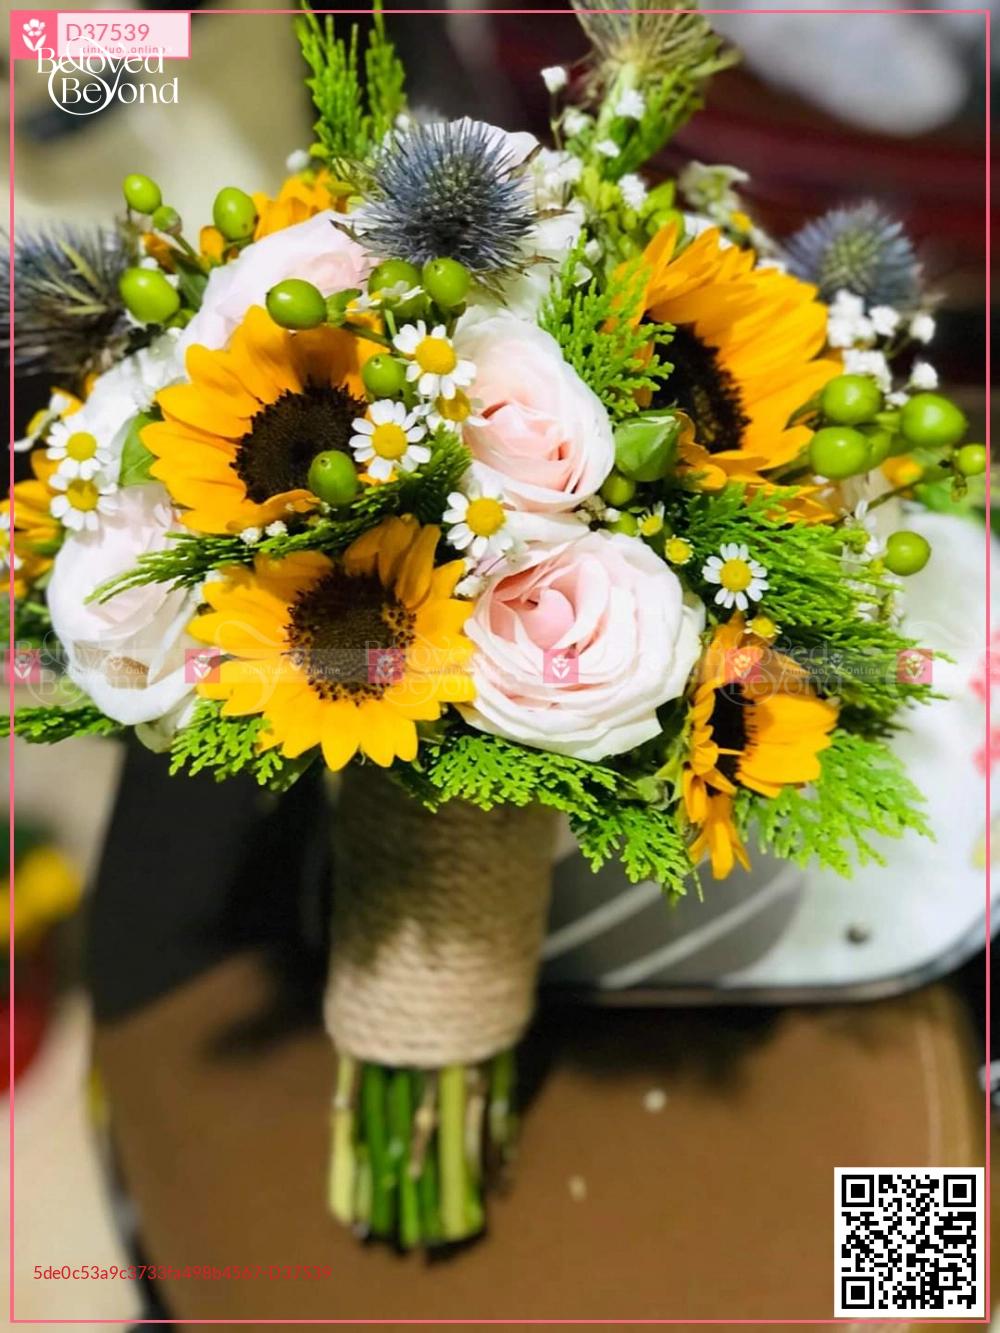 Mùa cưới - D37539 - xinhtuoi.online